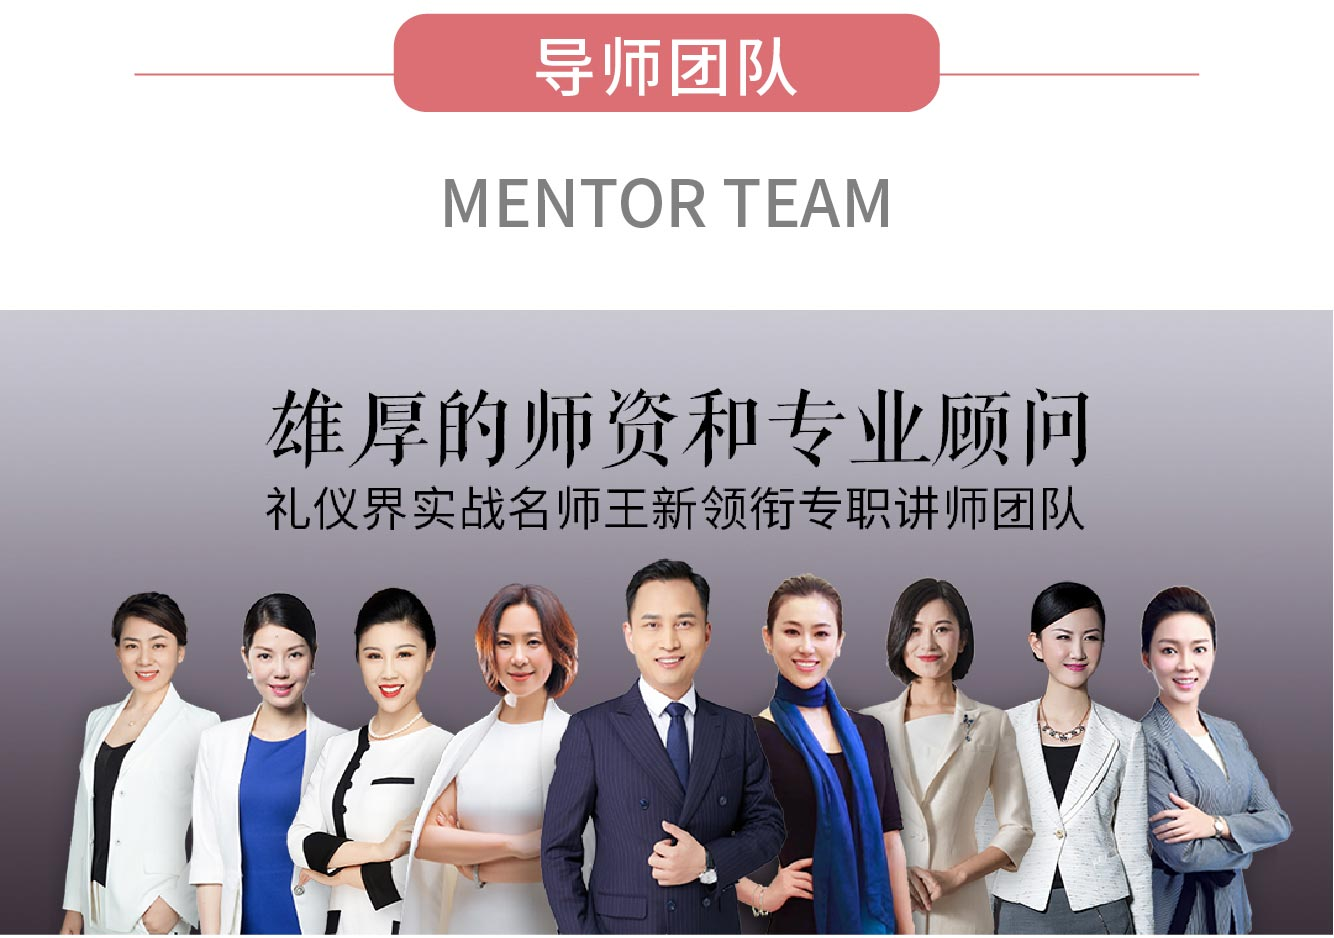 11专家礼仪师资团队